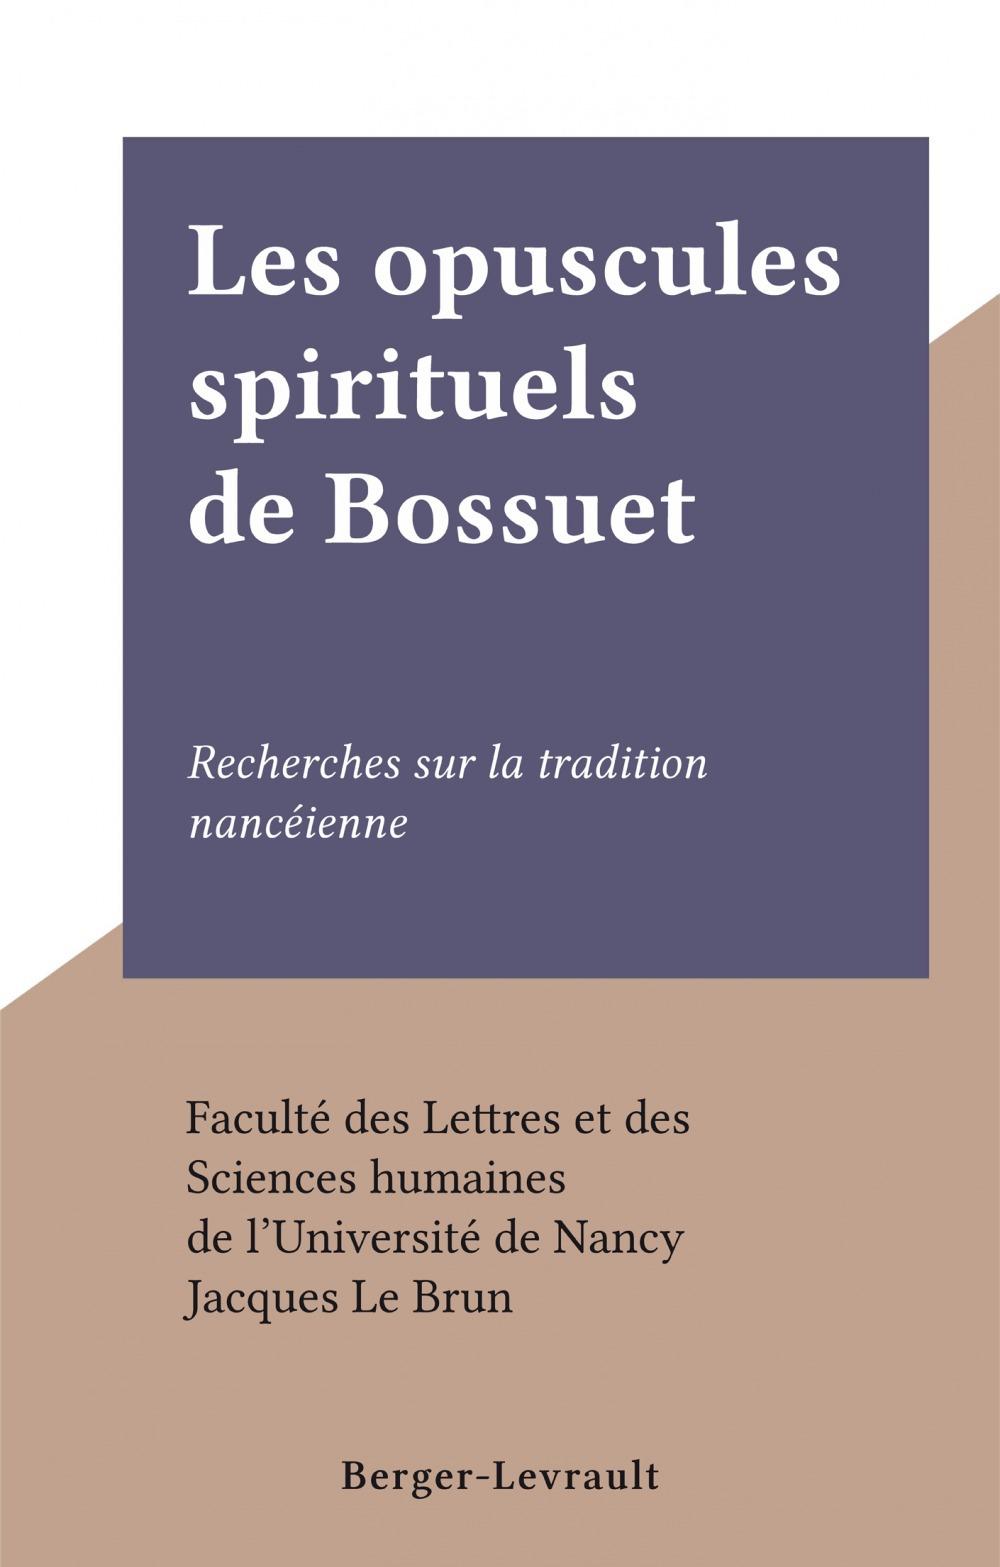 Les opuscules spirituels de Bossuet